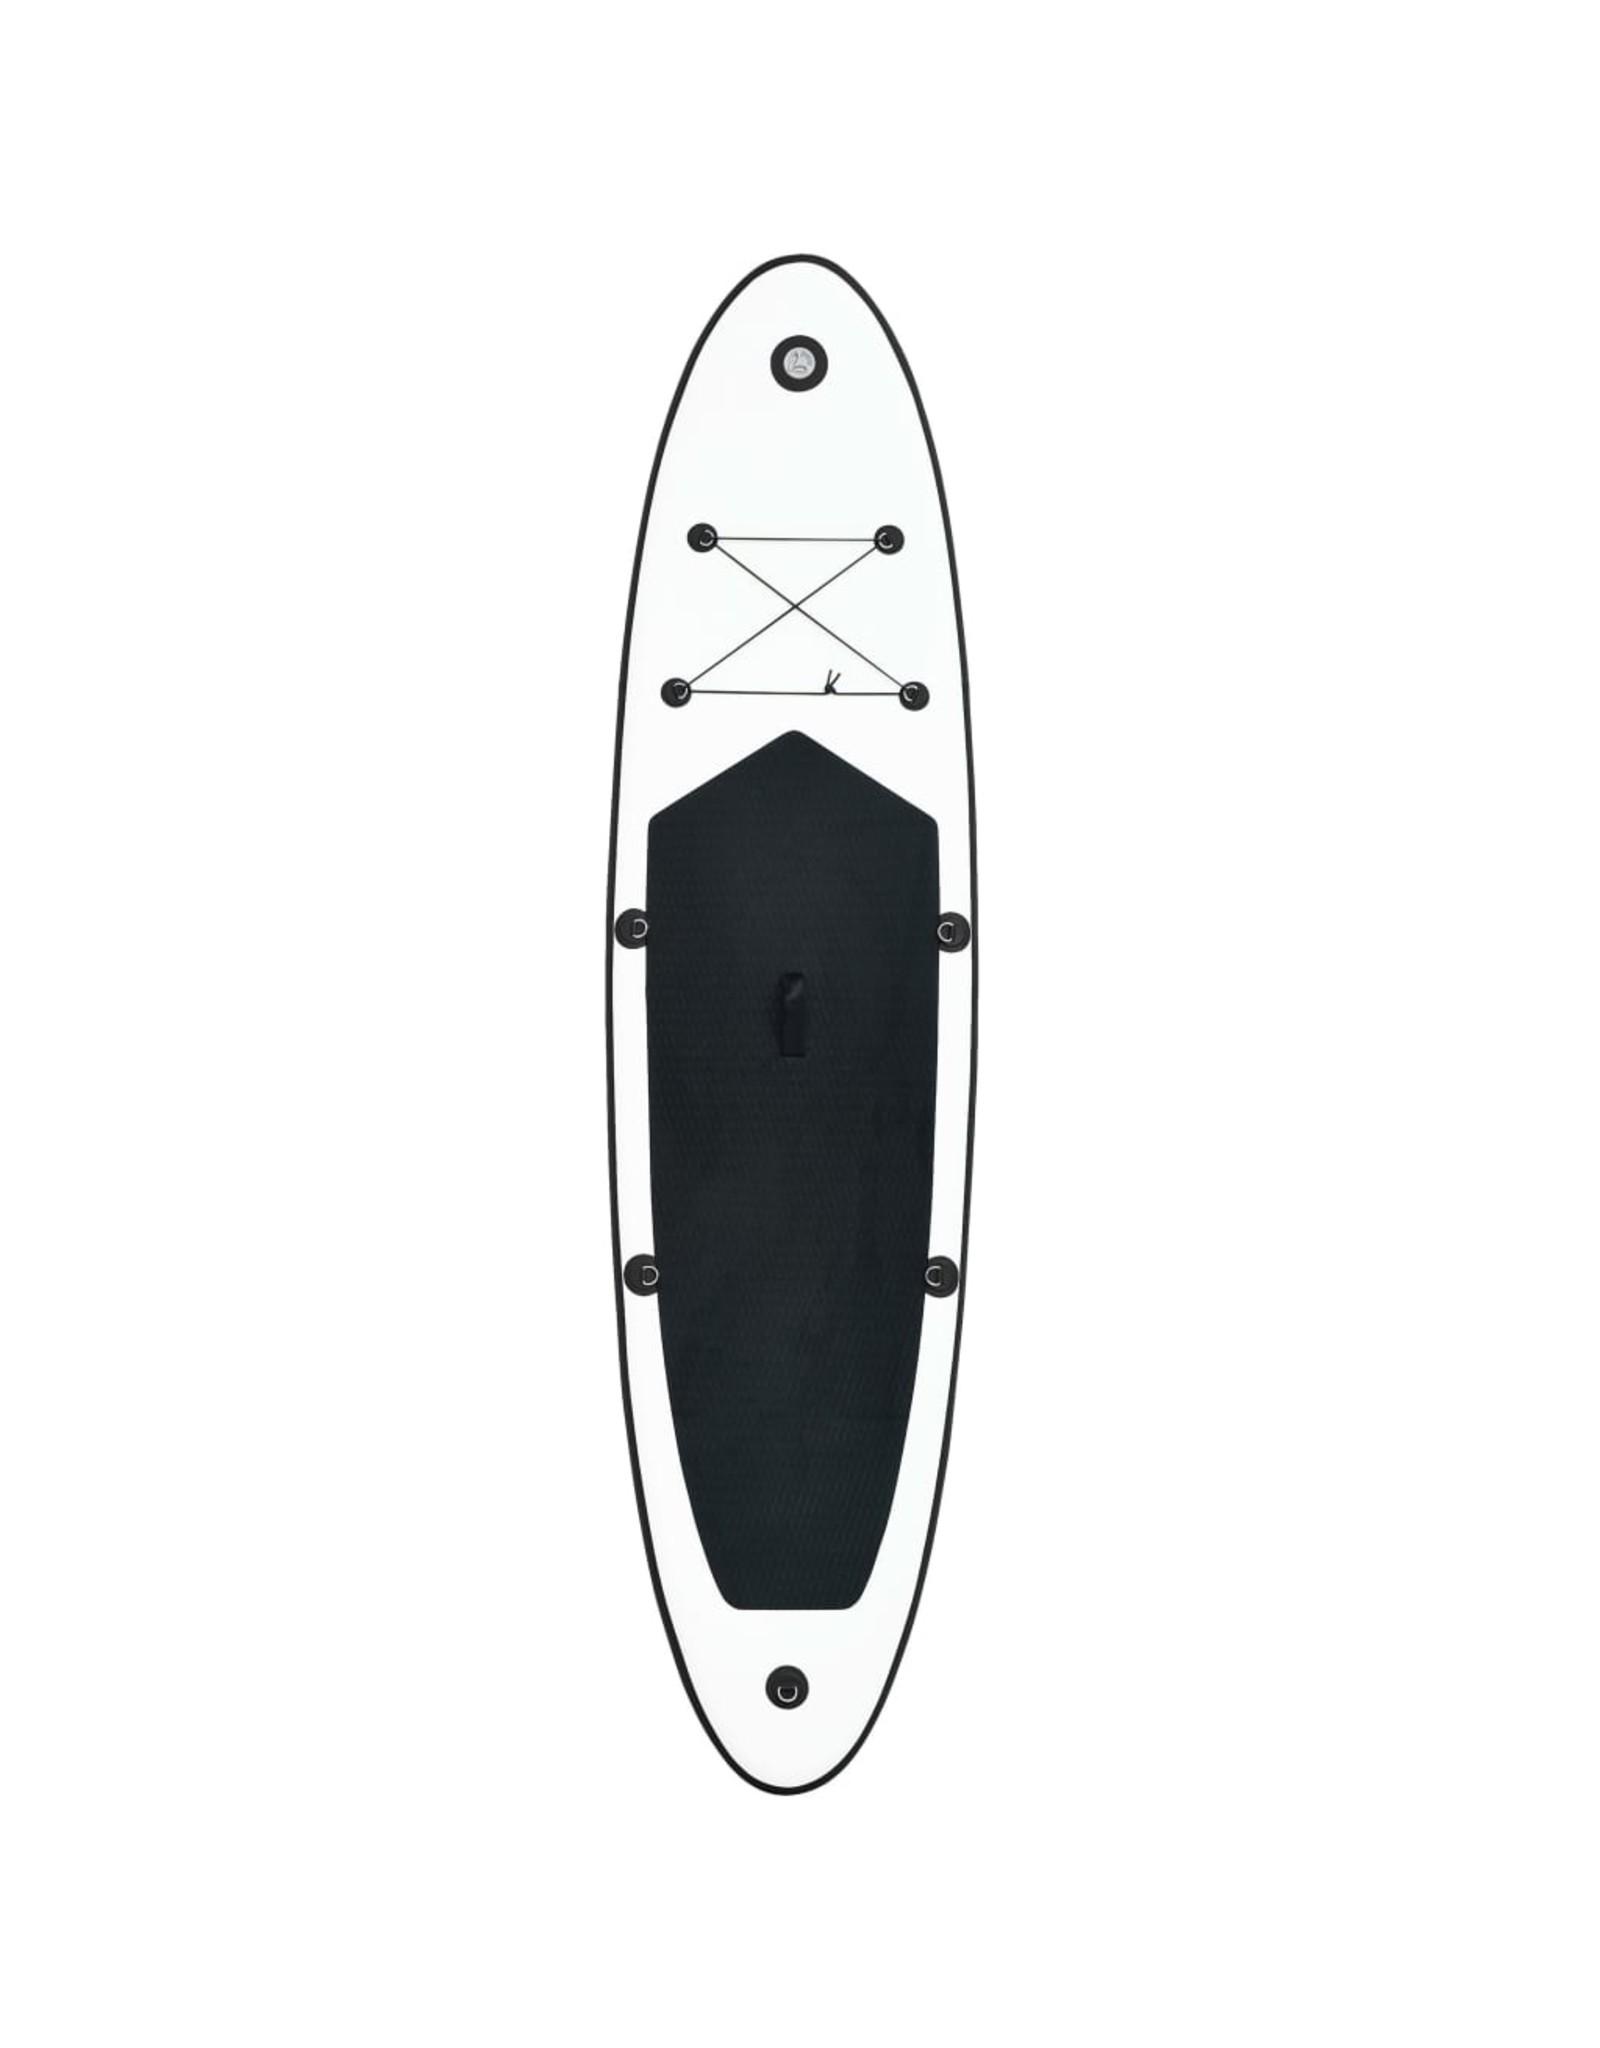 Stand-up paddleboard opblaasbaar zwart en wit